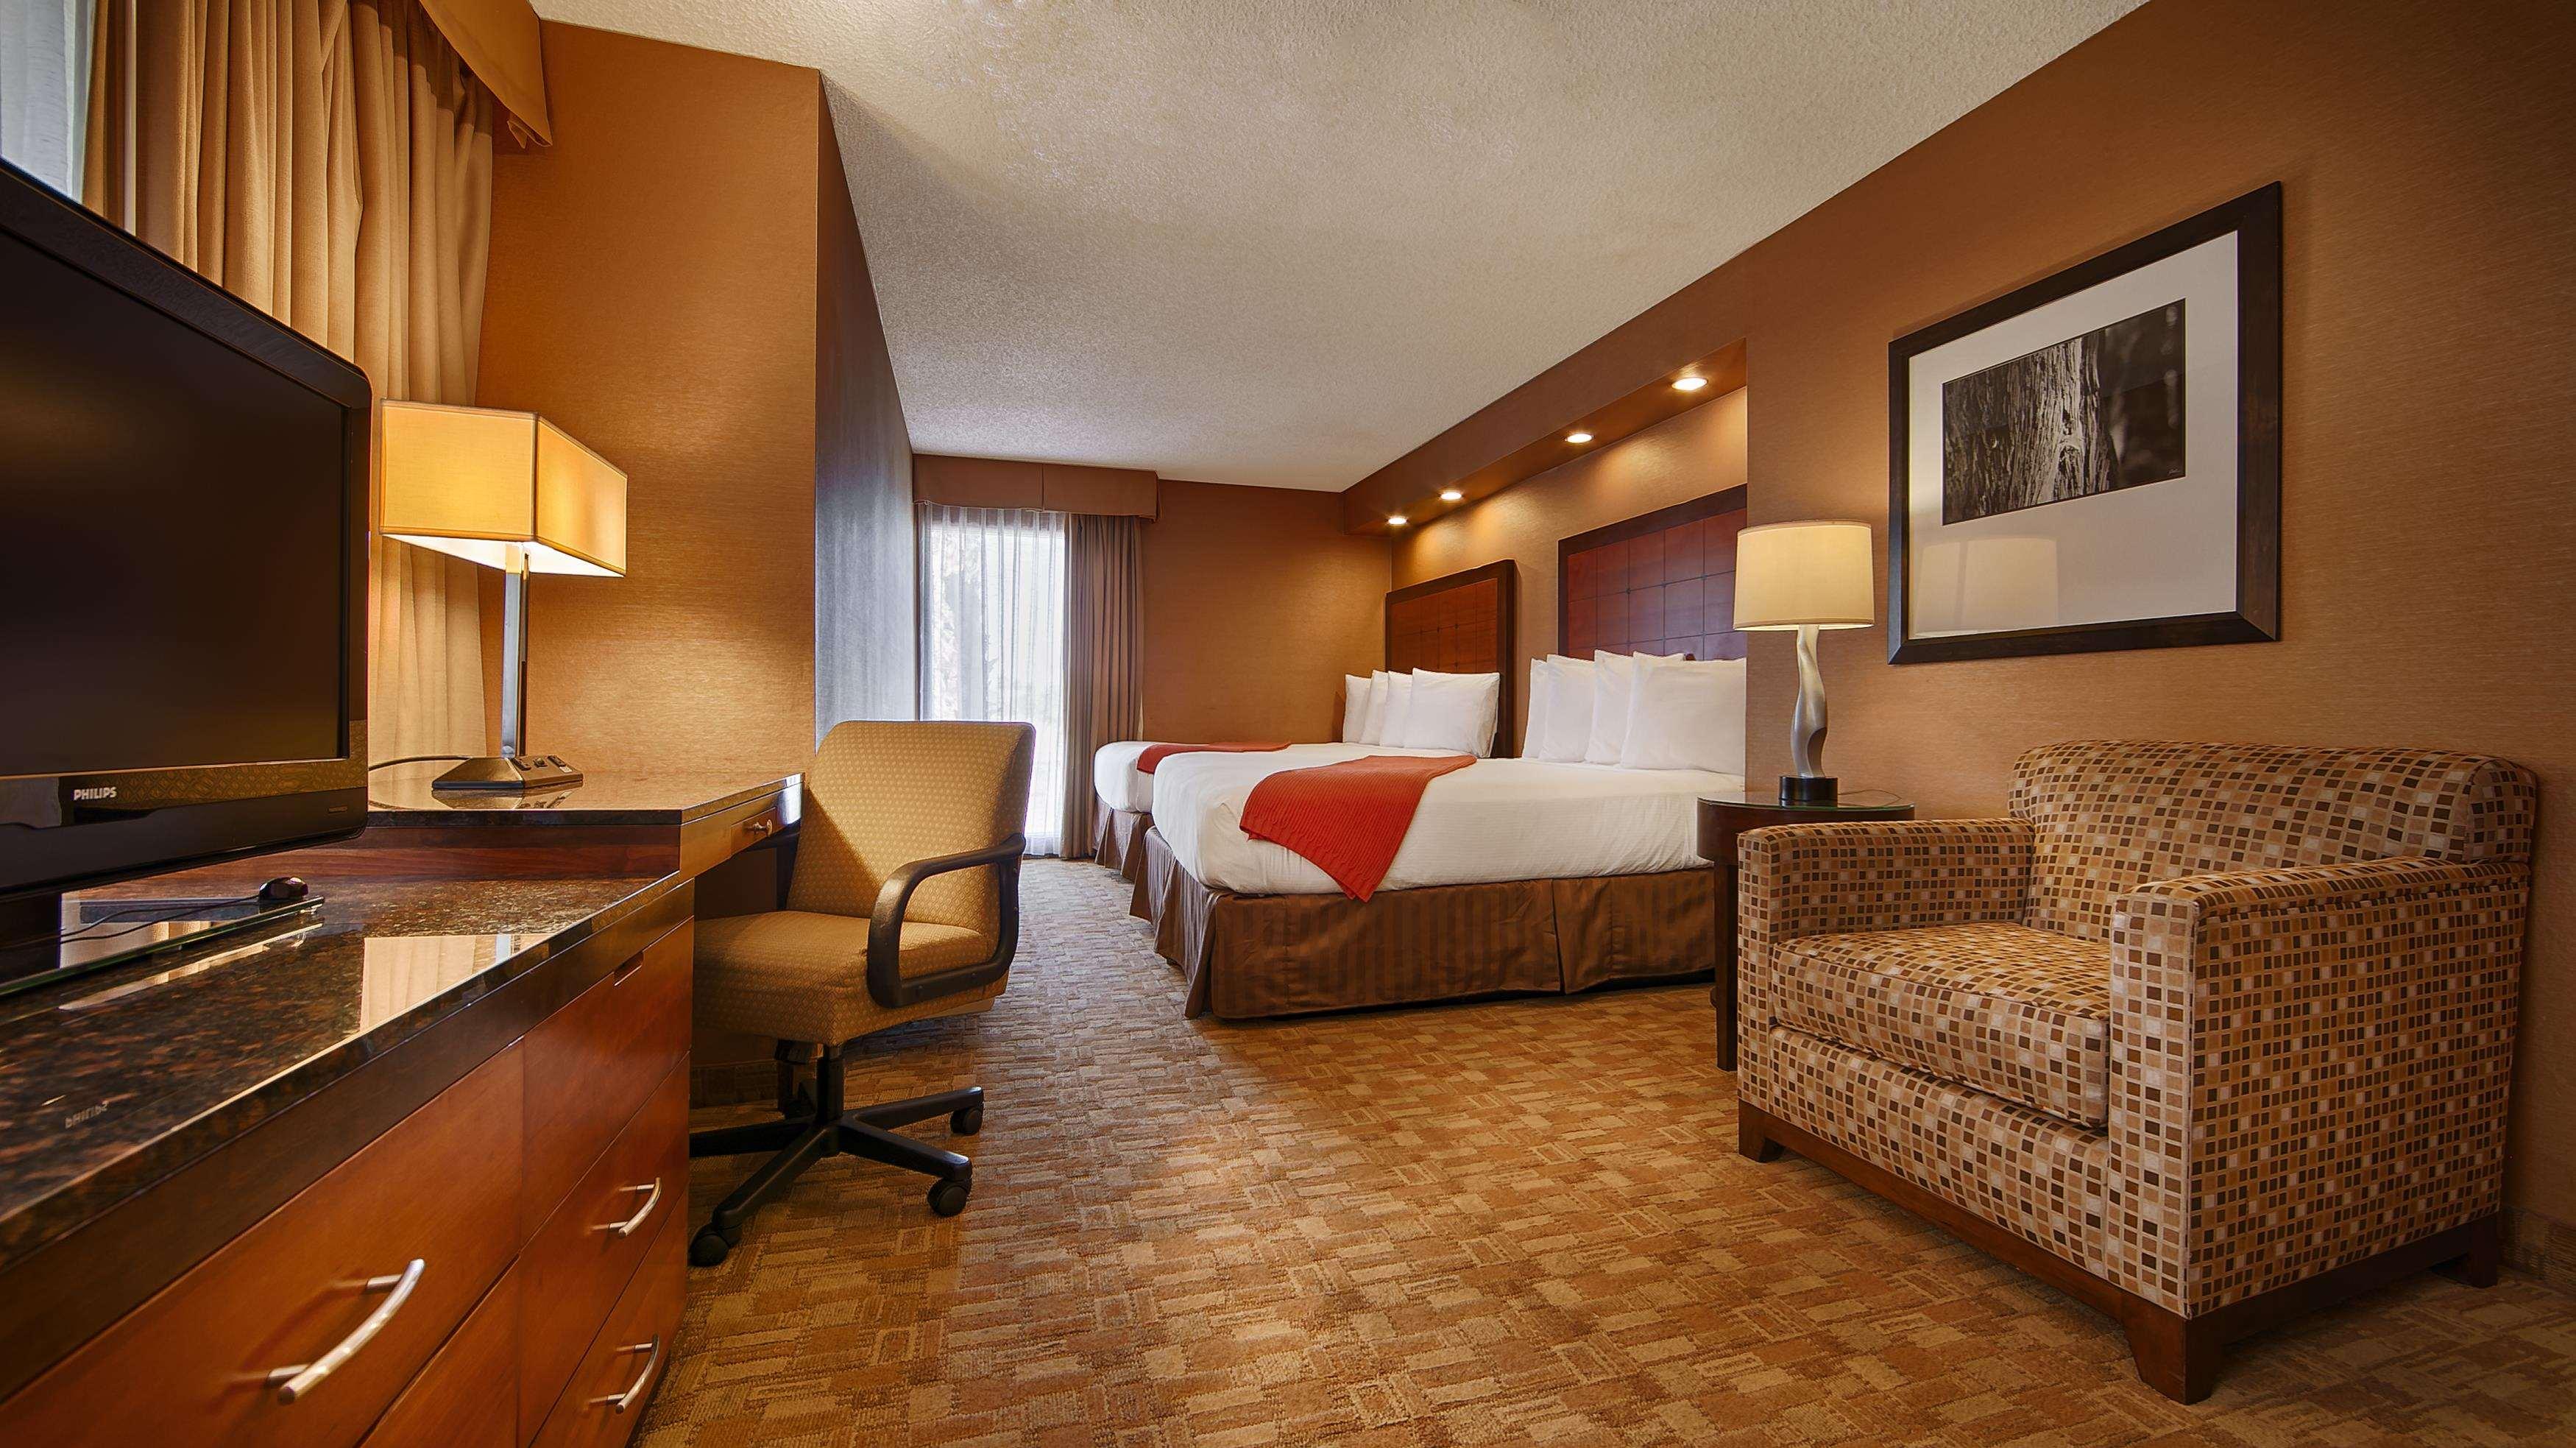 Best Western Inn at Palm Springs image 23